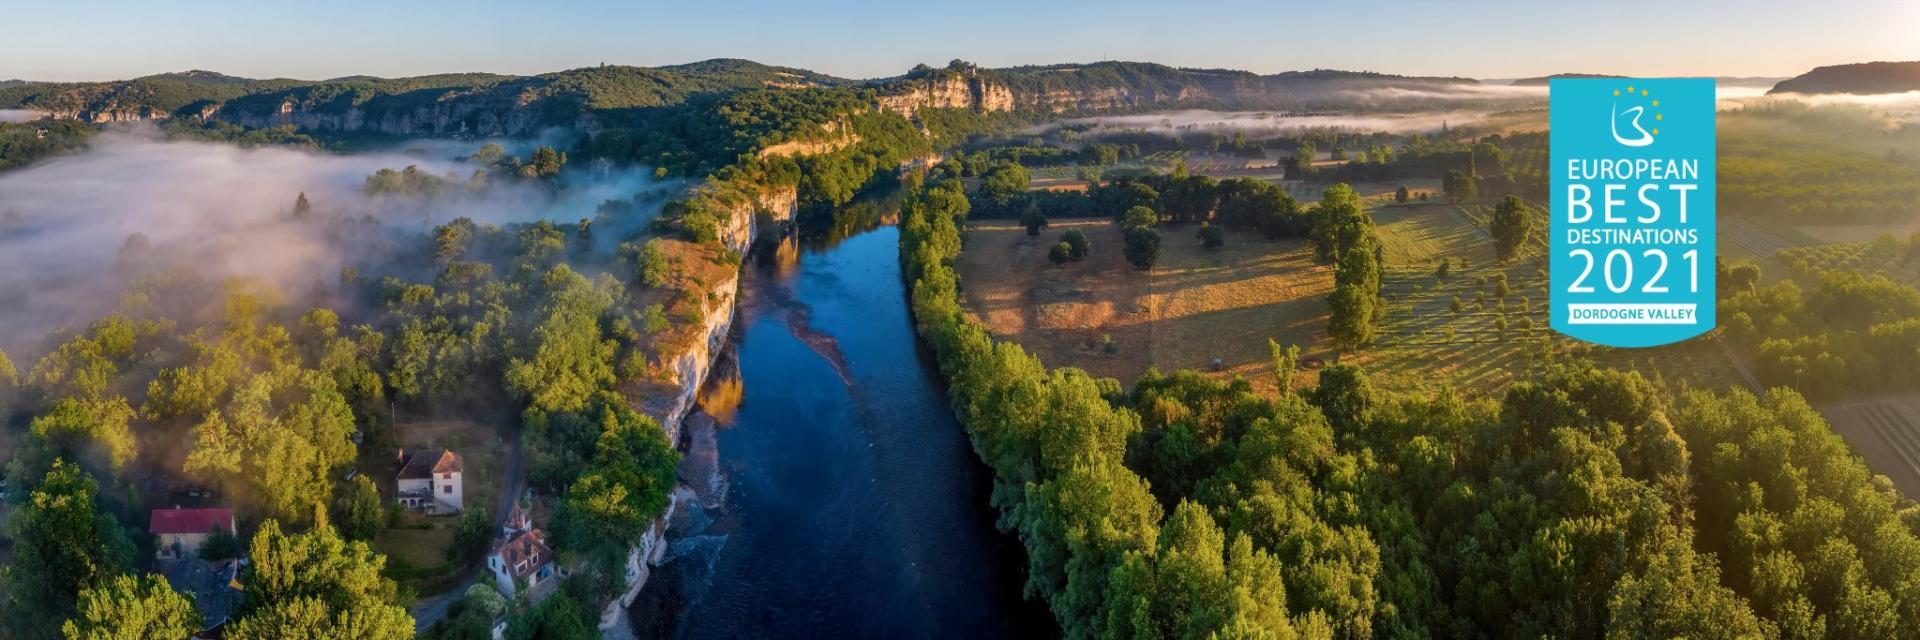 Vallee Dordogne European Best Destination Web